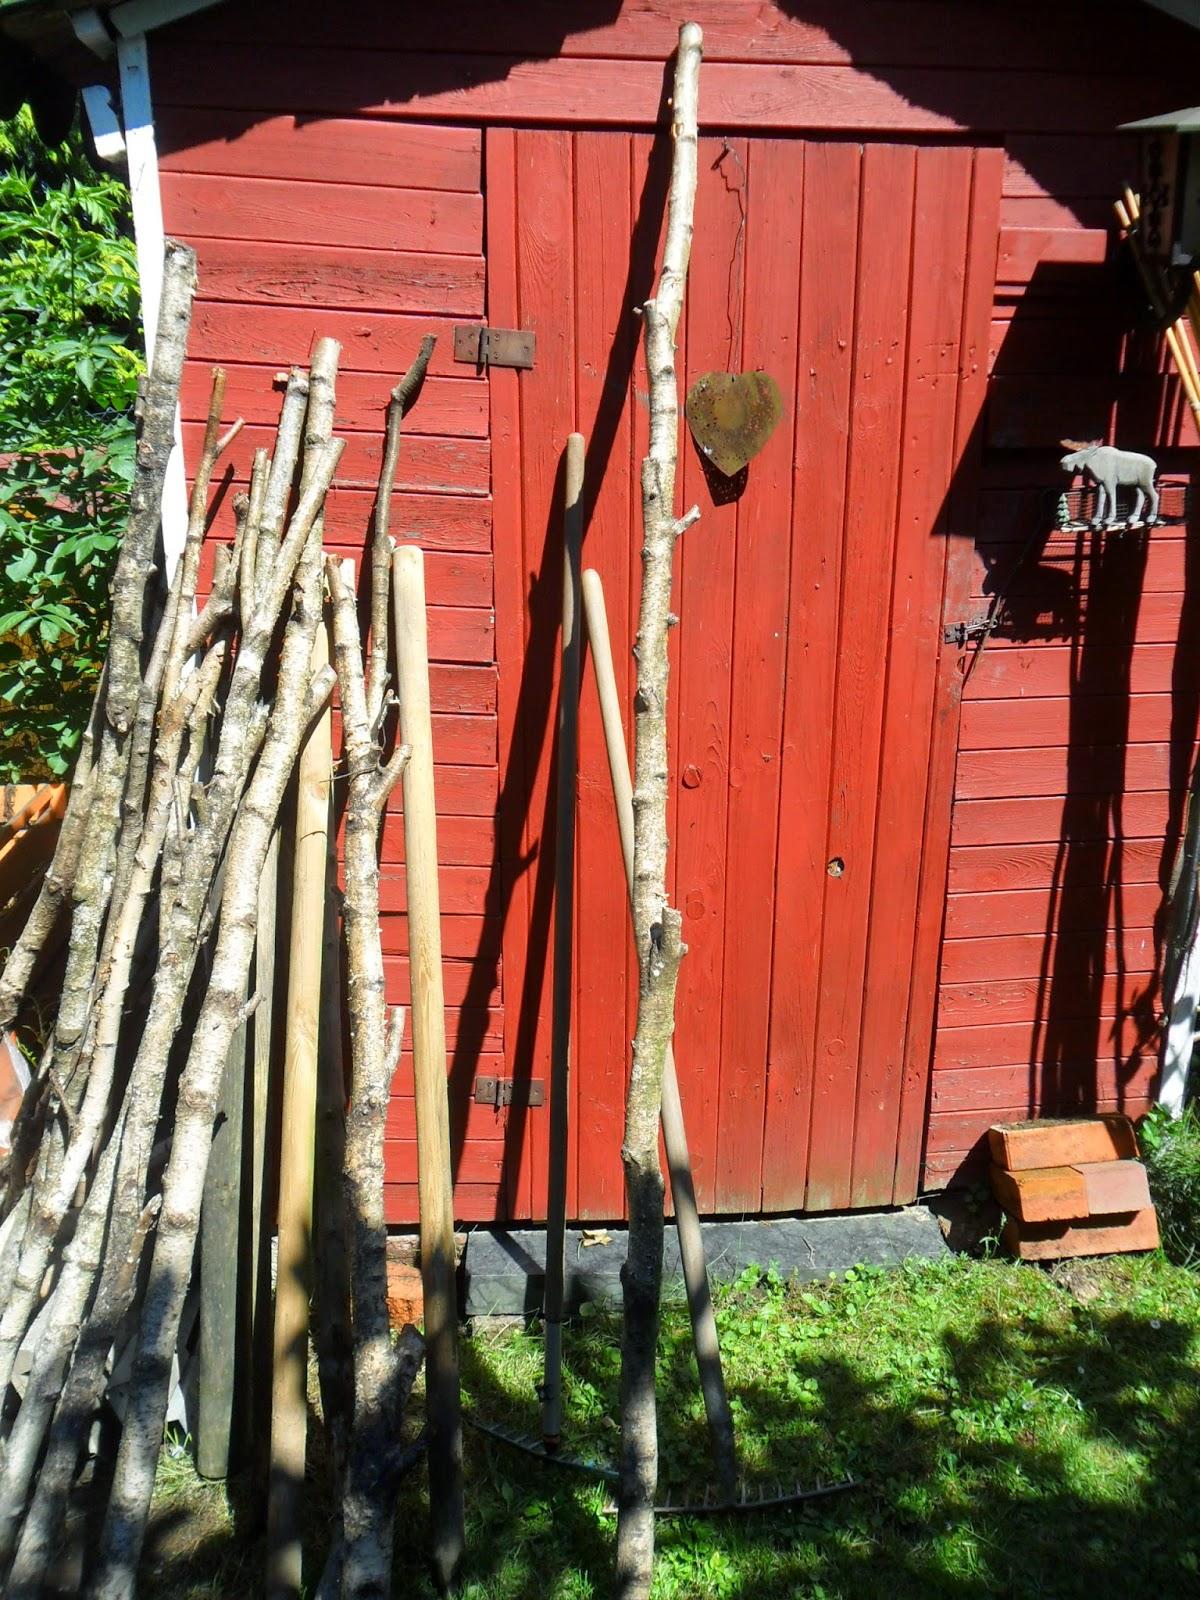 Das Ist Der Rest Von Den Hauberg Birkenstämmen. Vielleicht Findet Sich Noch  Ein Plätzchen In Meinem Garten. Übrigens, Habe Eben Schon Wieder 2 Kilo ...